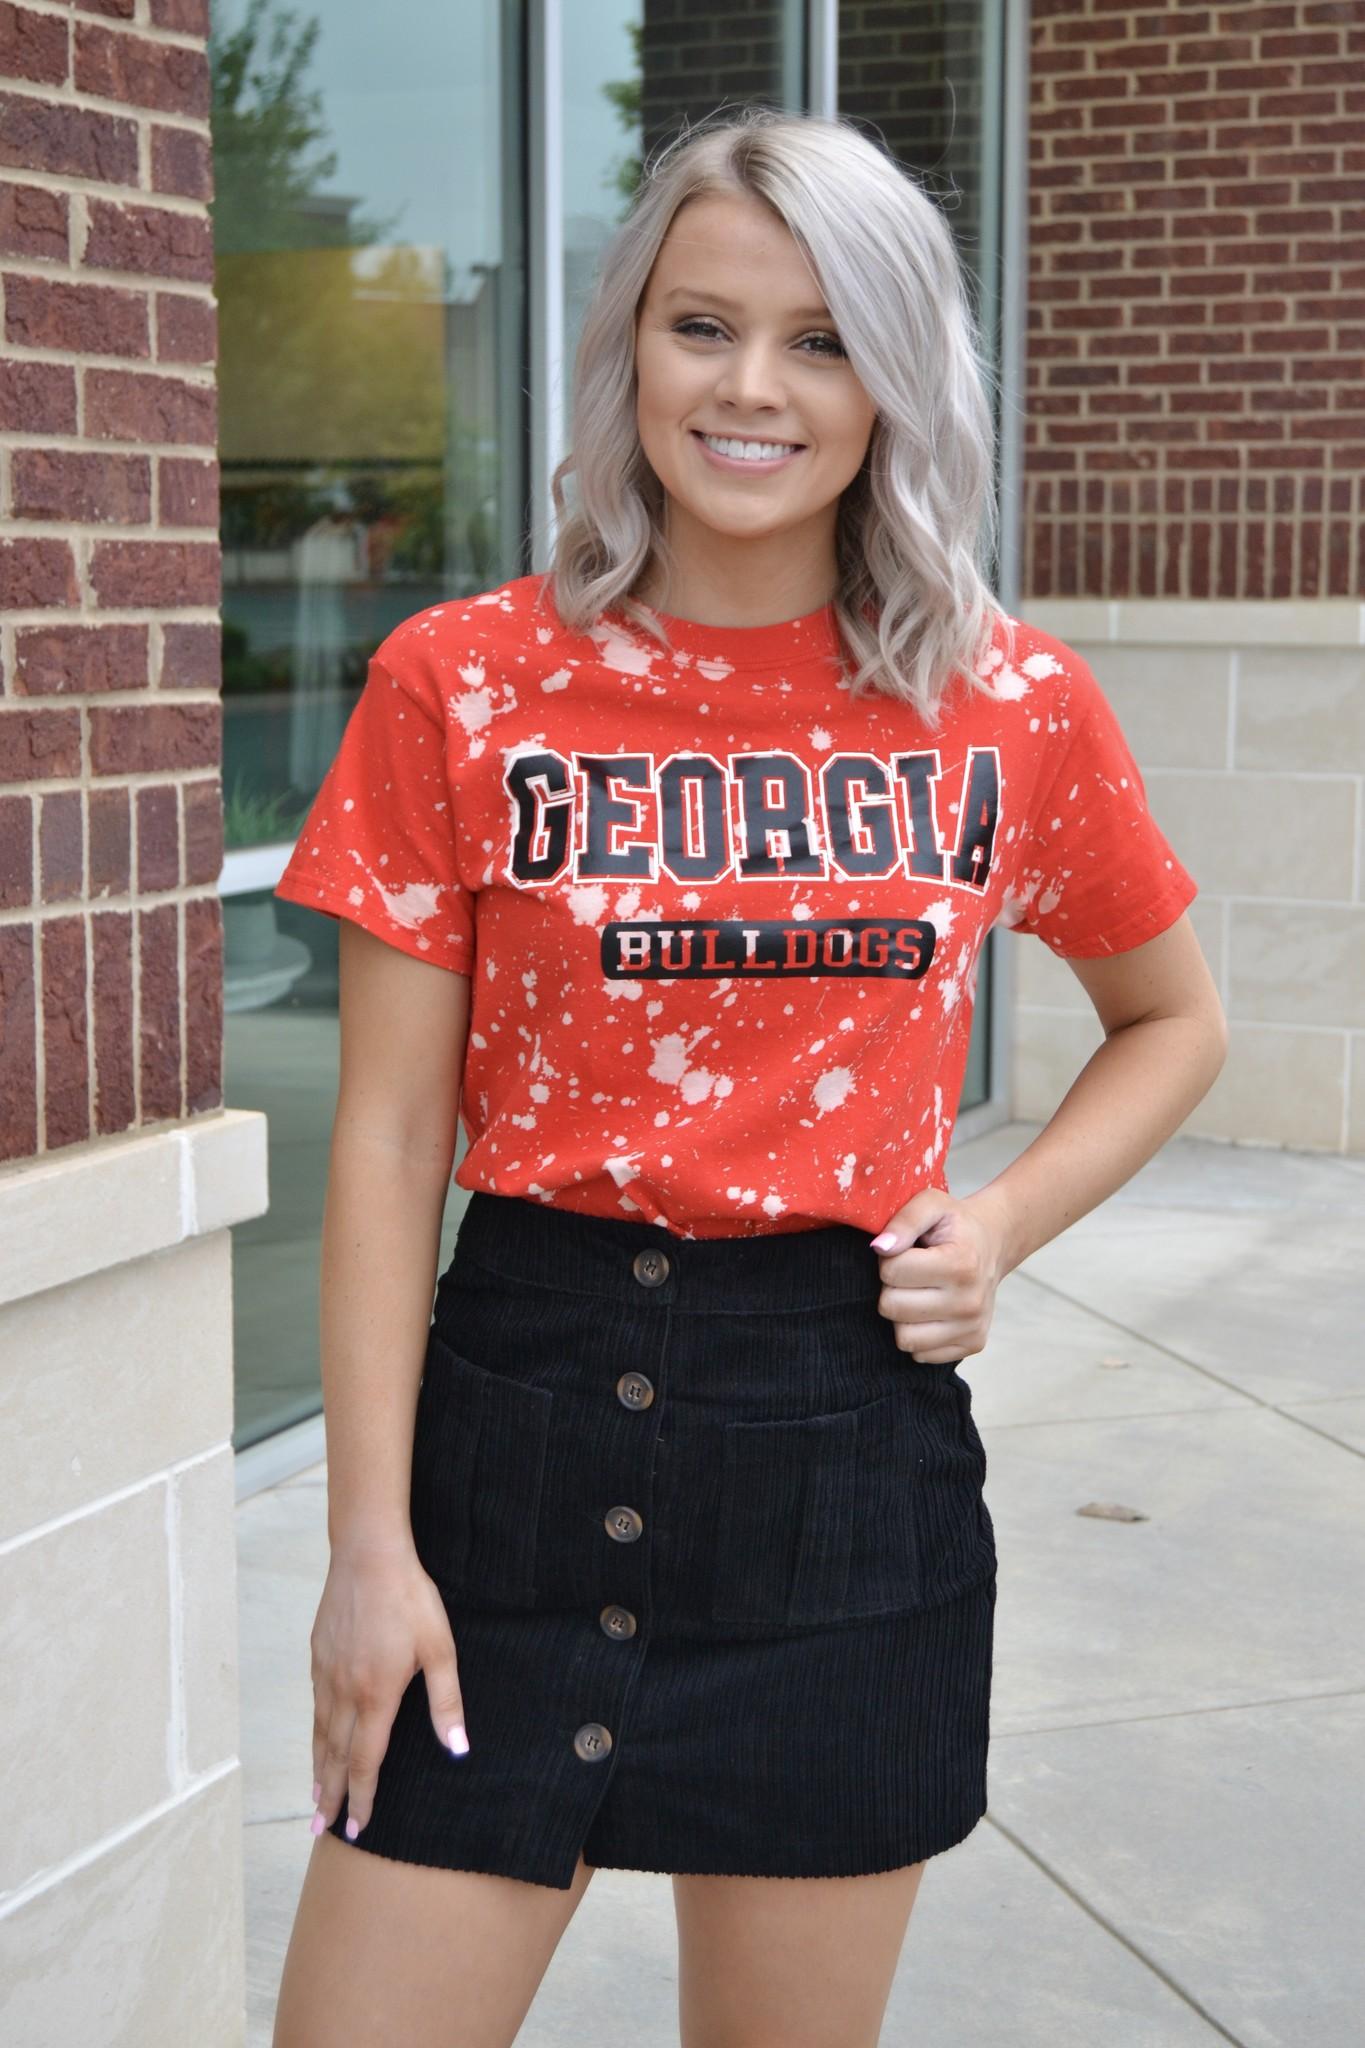 Red distressed Georgia bulldogs tee